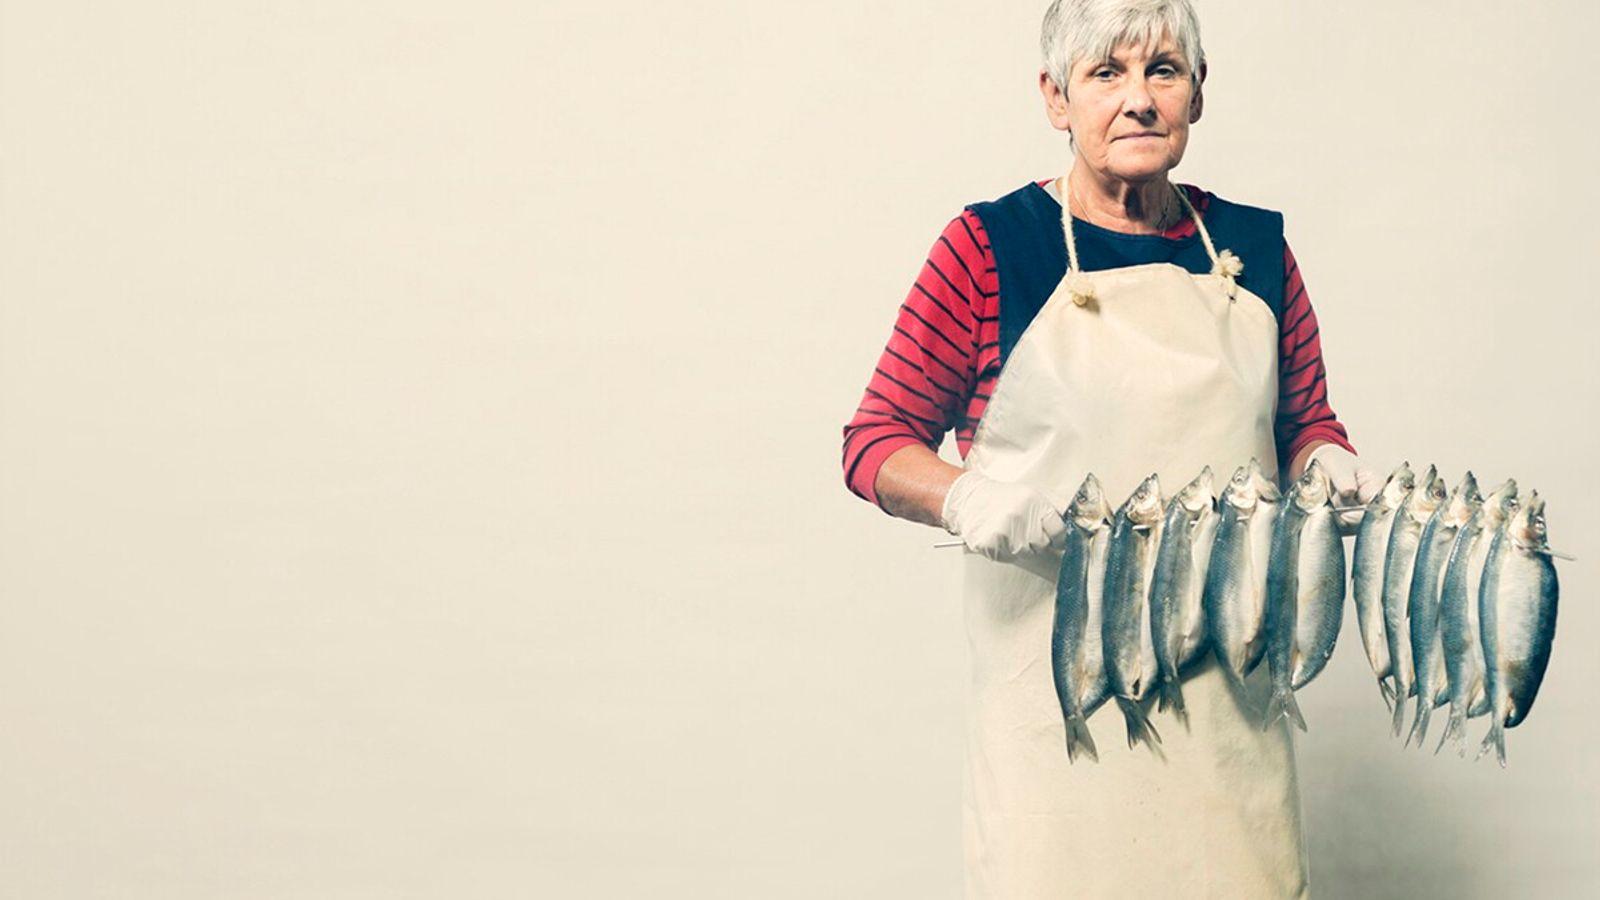 Frances Brown, fish smoker; St Monans, Fife, Scotland.